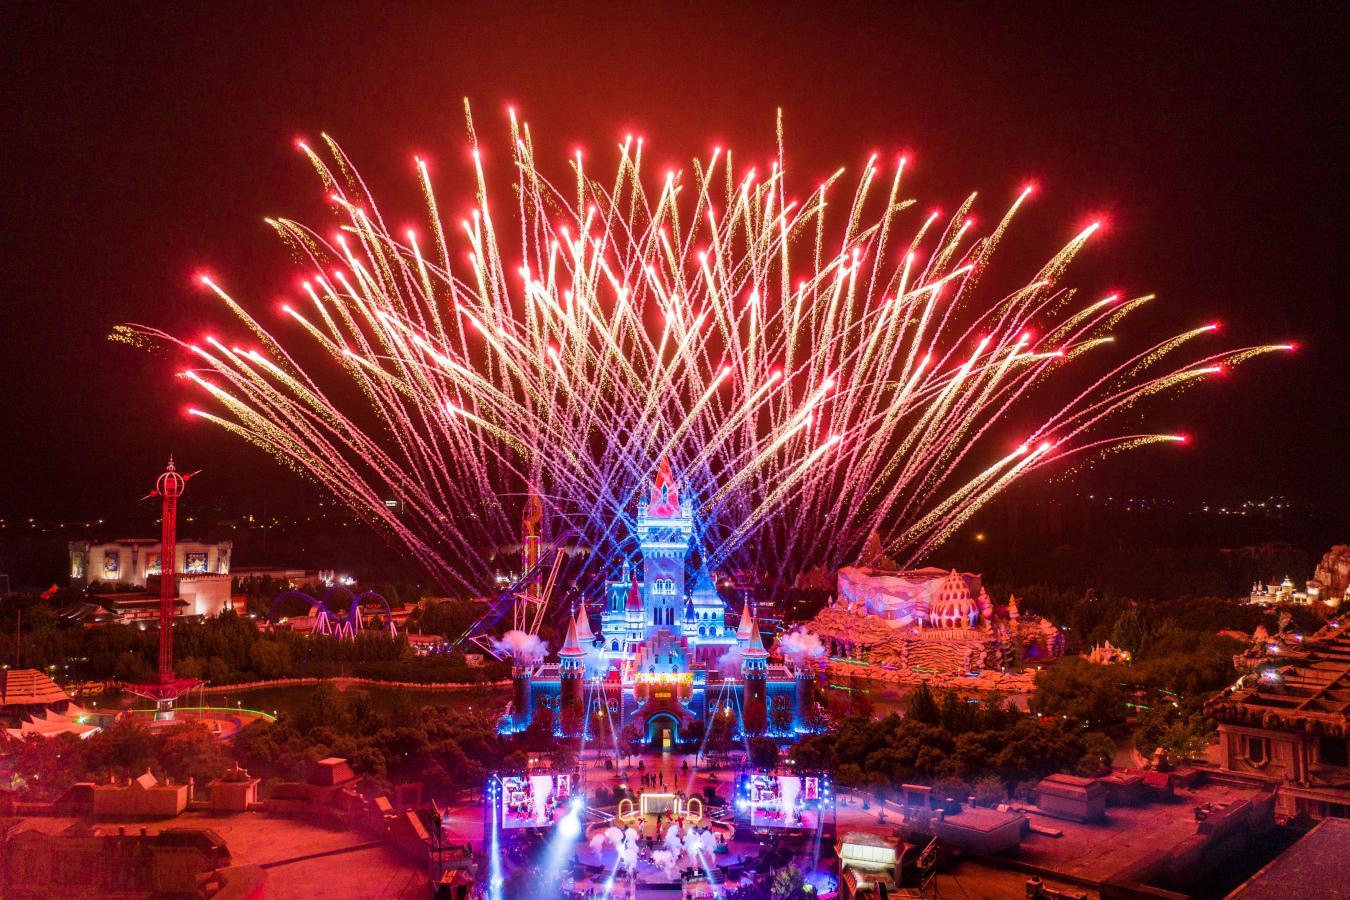 郑州方特欢乐世界夜景